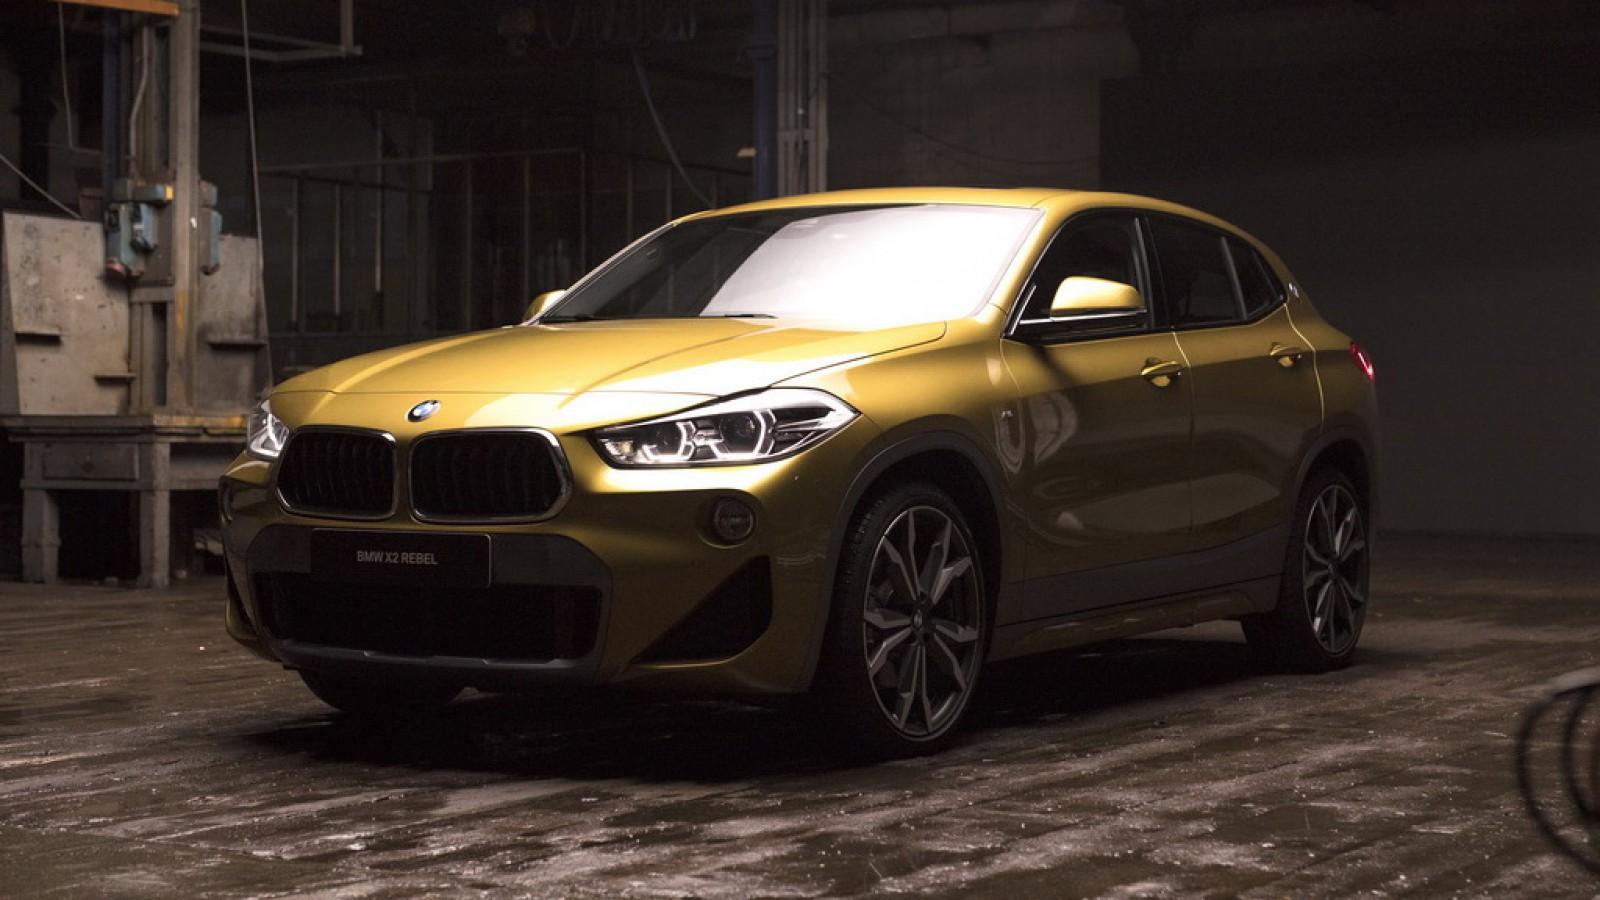 """(video) Ediţia limitată BMW X2 Rebel Edition: Doar cinci maşini """"tatuate"""" vor exista"""